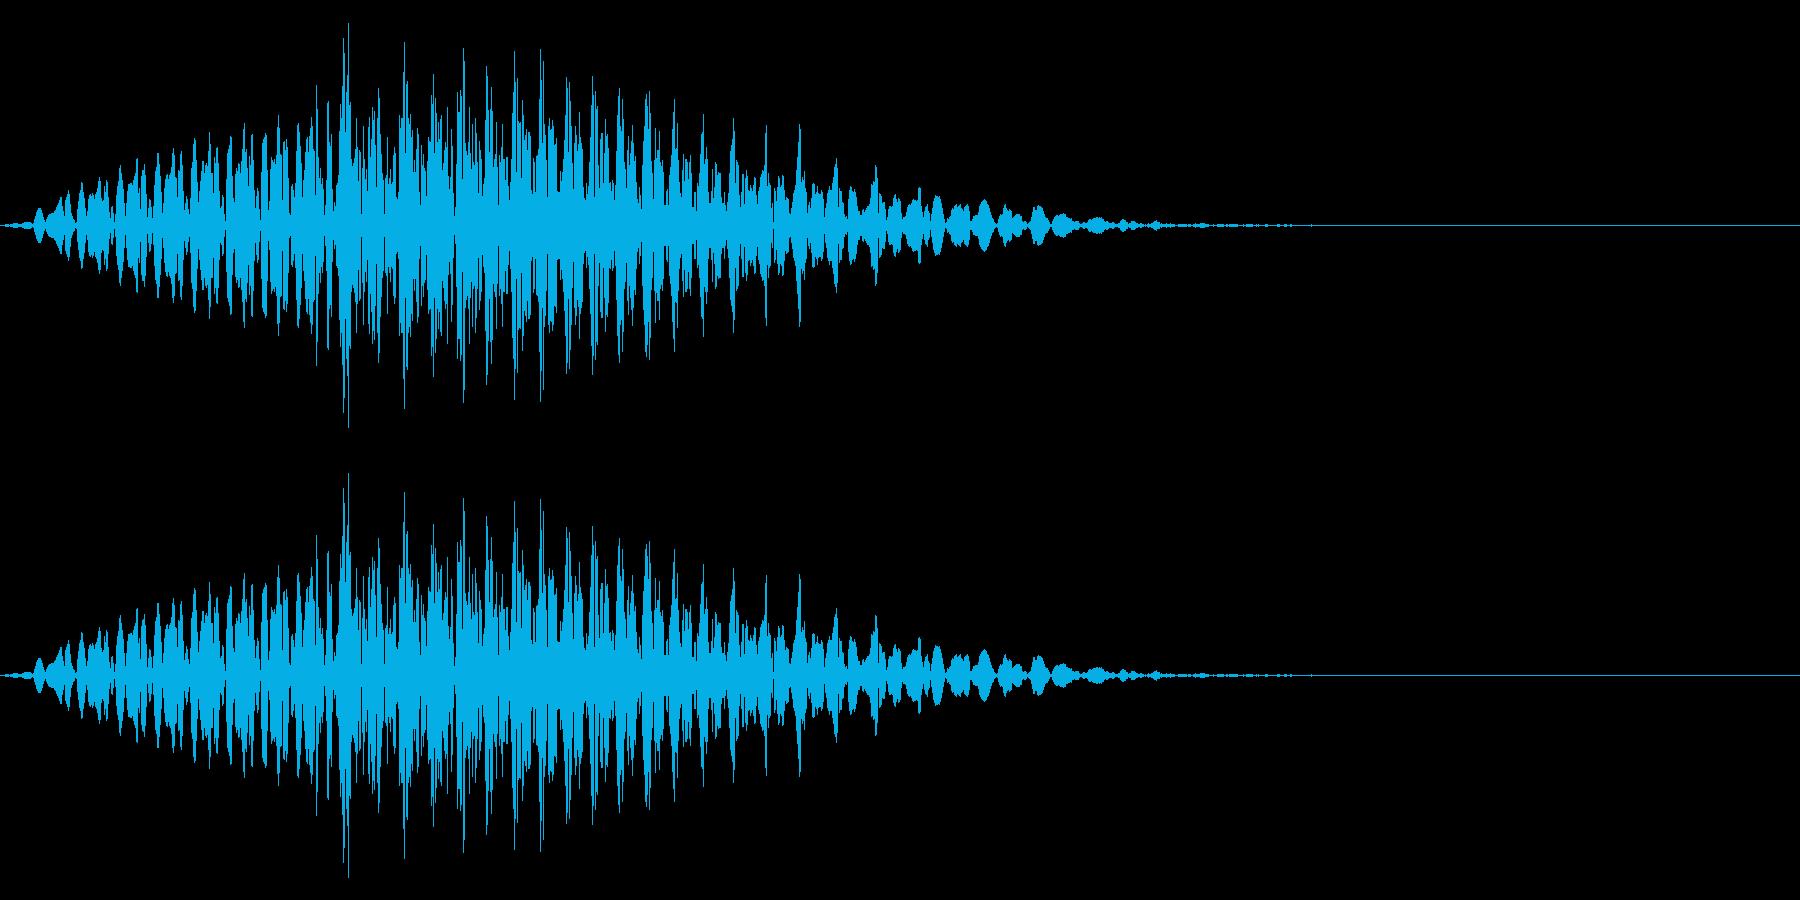 「ロン」 麻雀ゲームのシステムボイスにの再生済みの波形